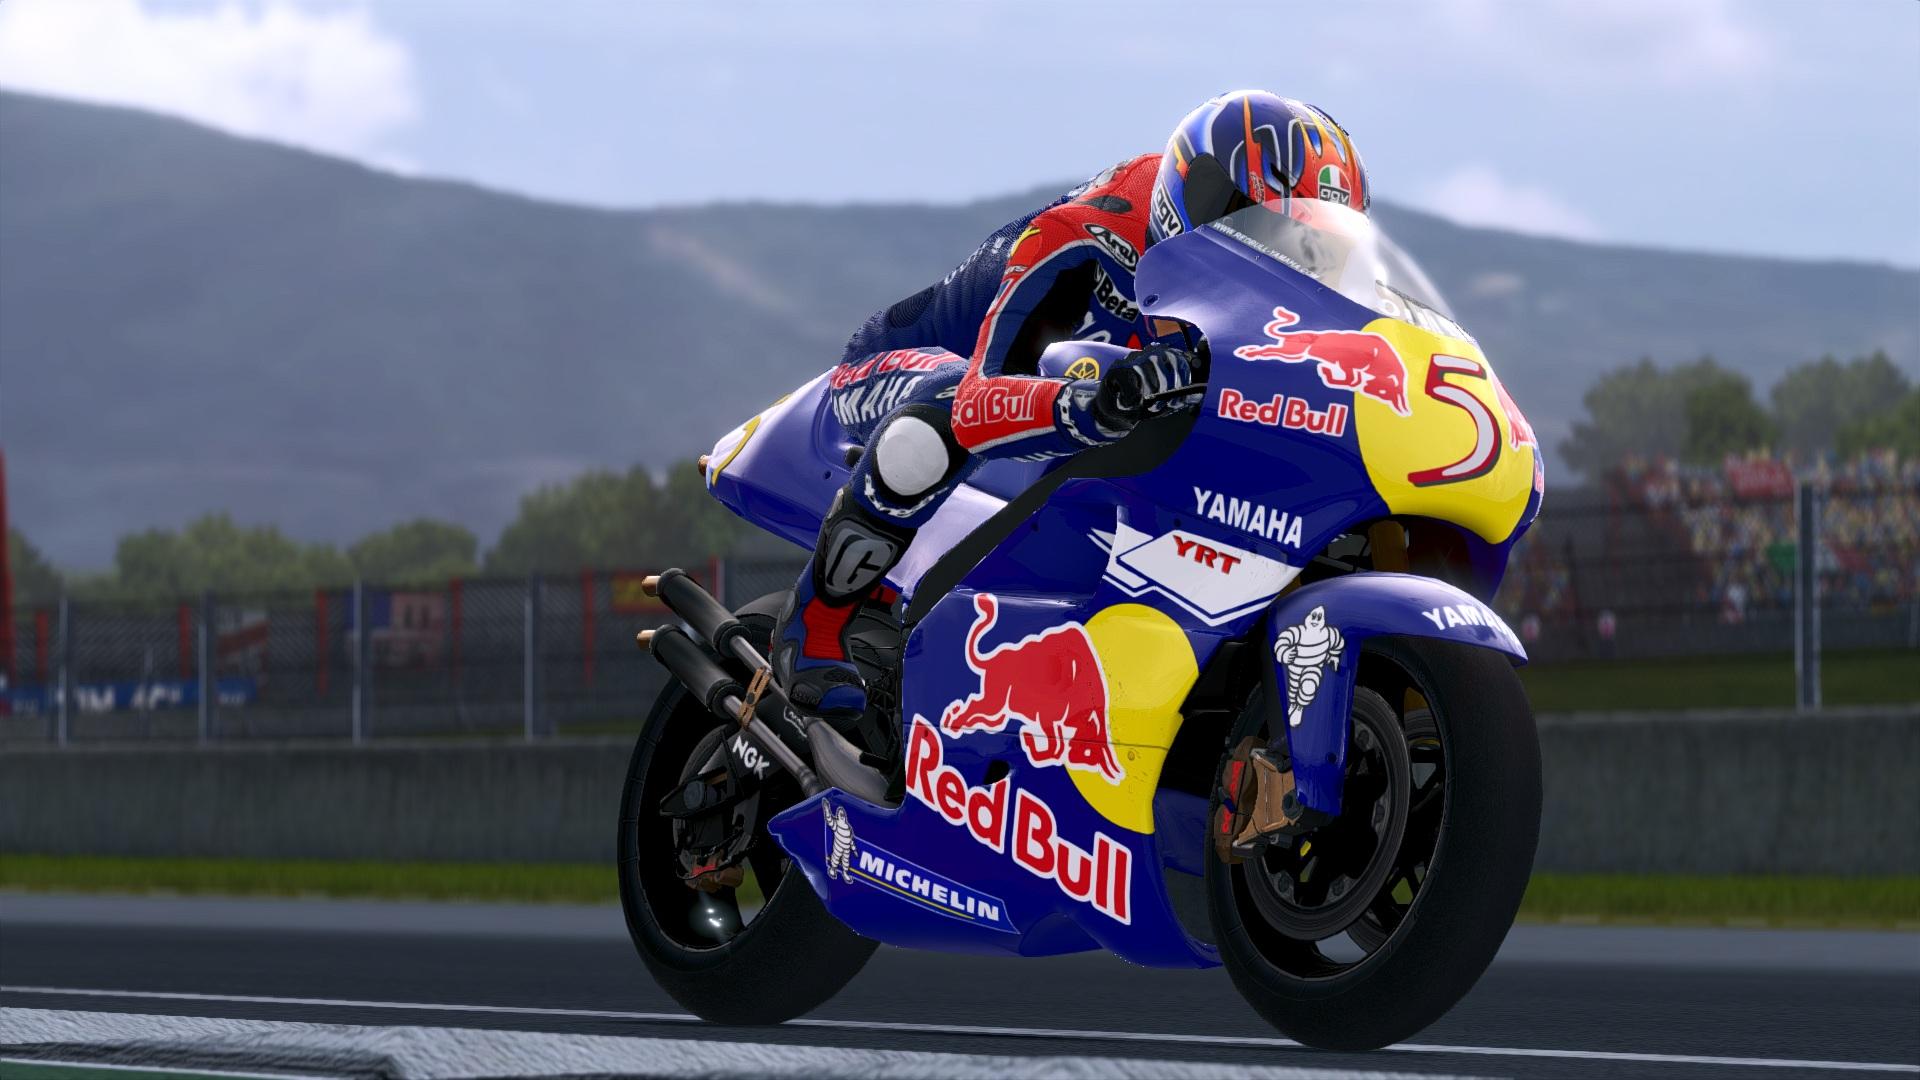 MotoGP14X64.exe_DX11_20140824_103014.jpg